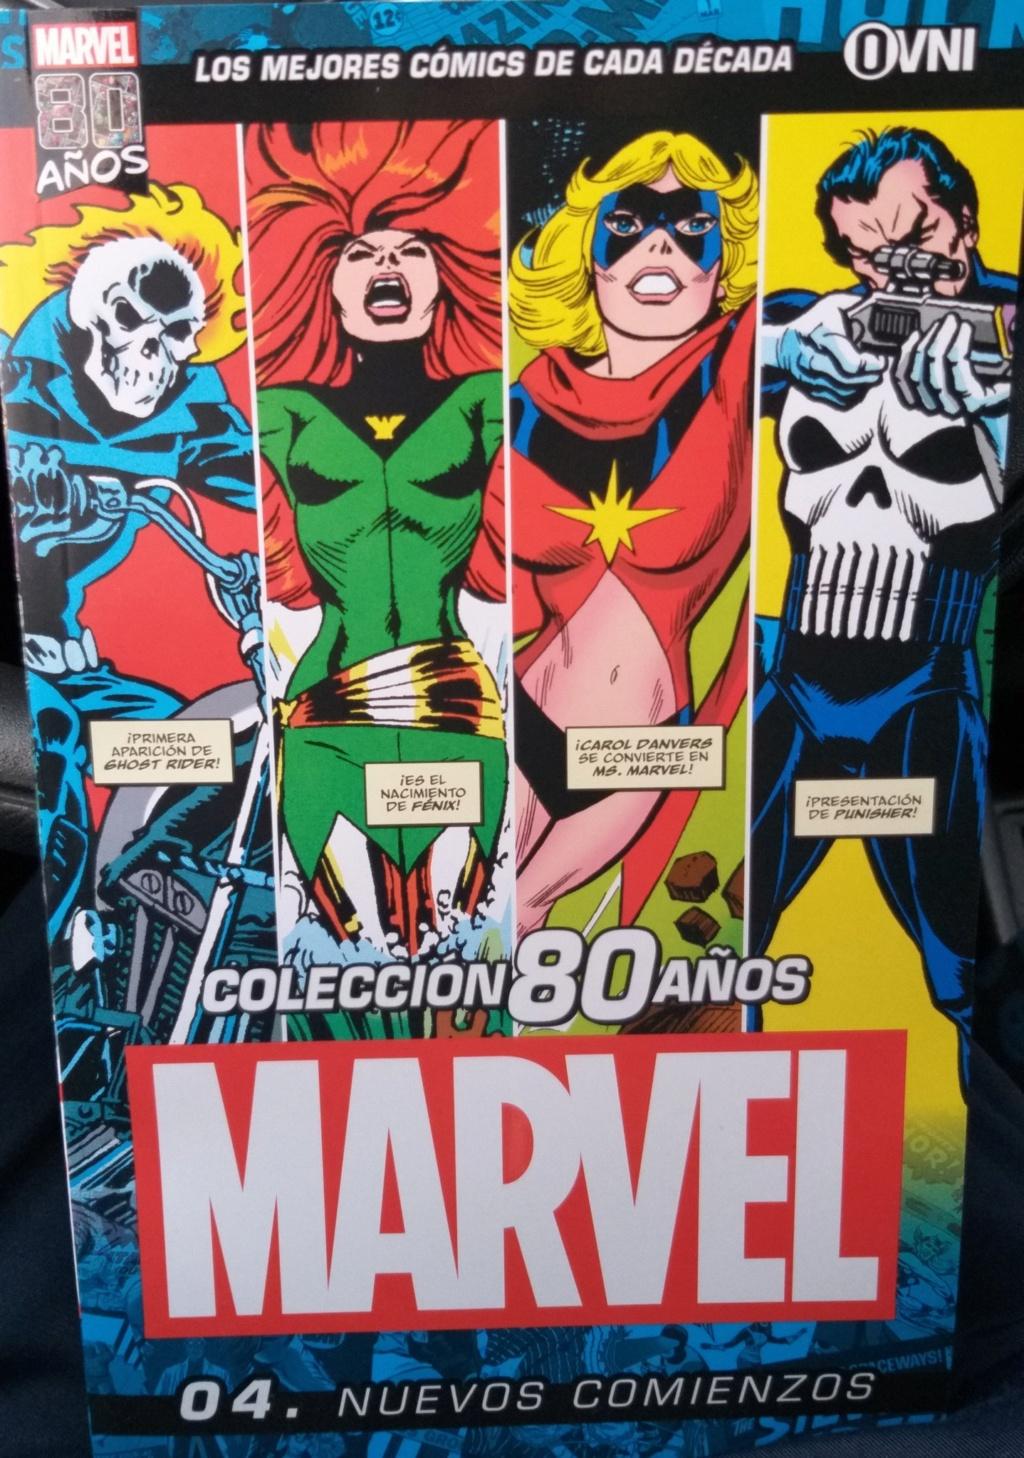 Clarín - Colección Marvel 80 años - Página 4 D9qyyc10